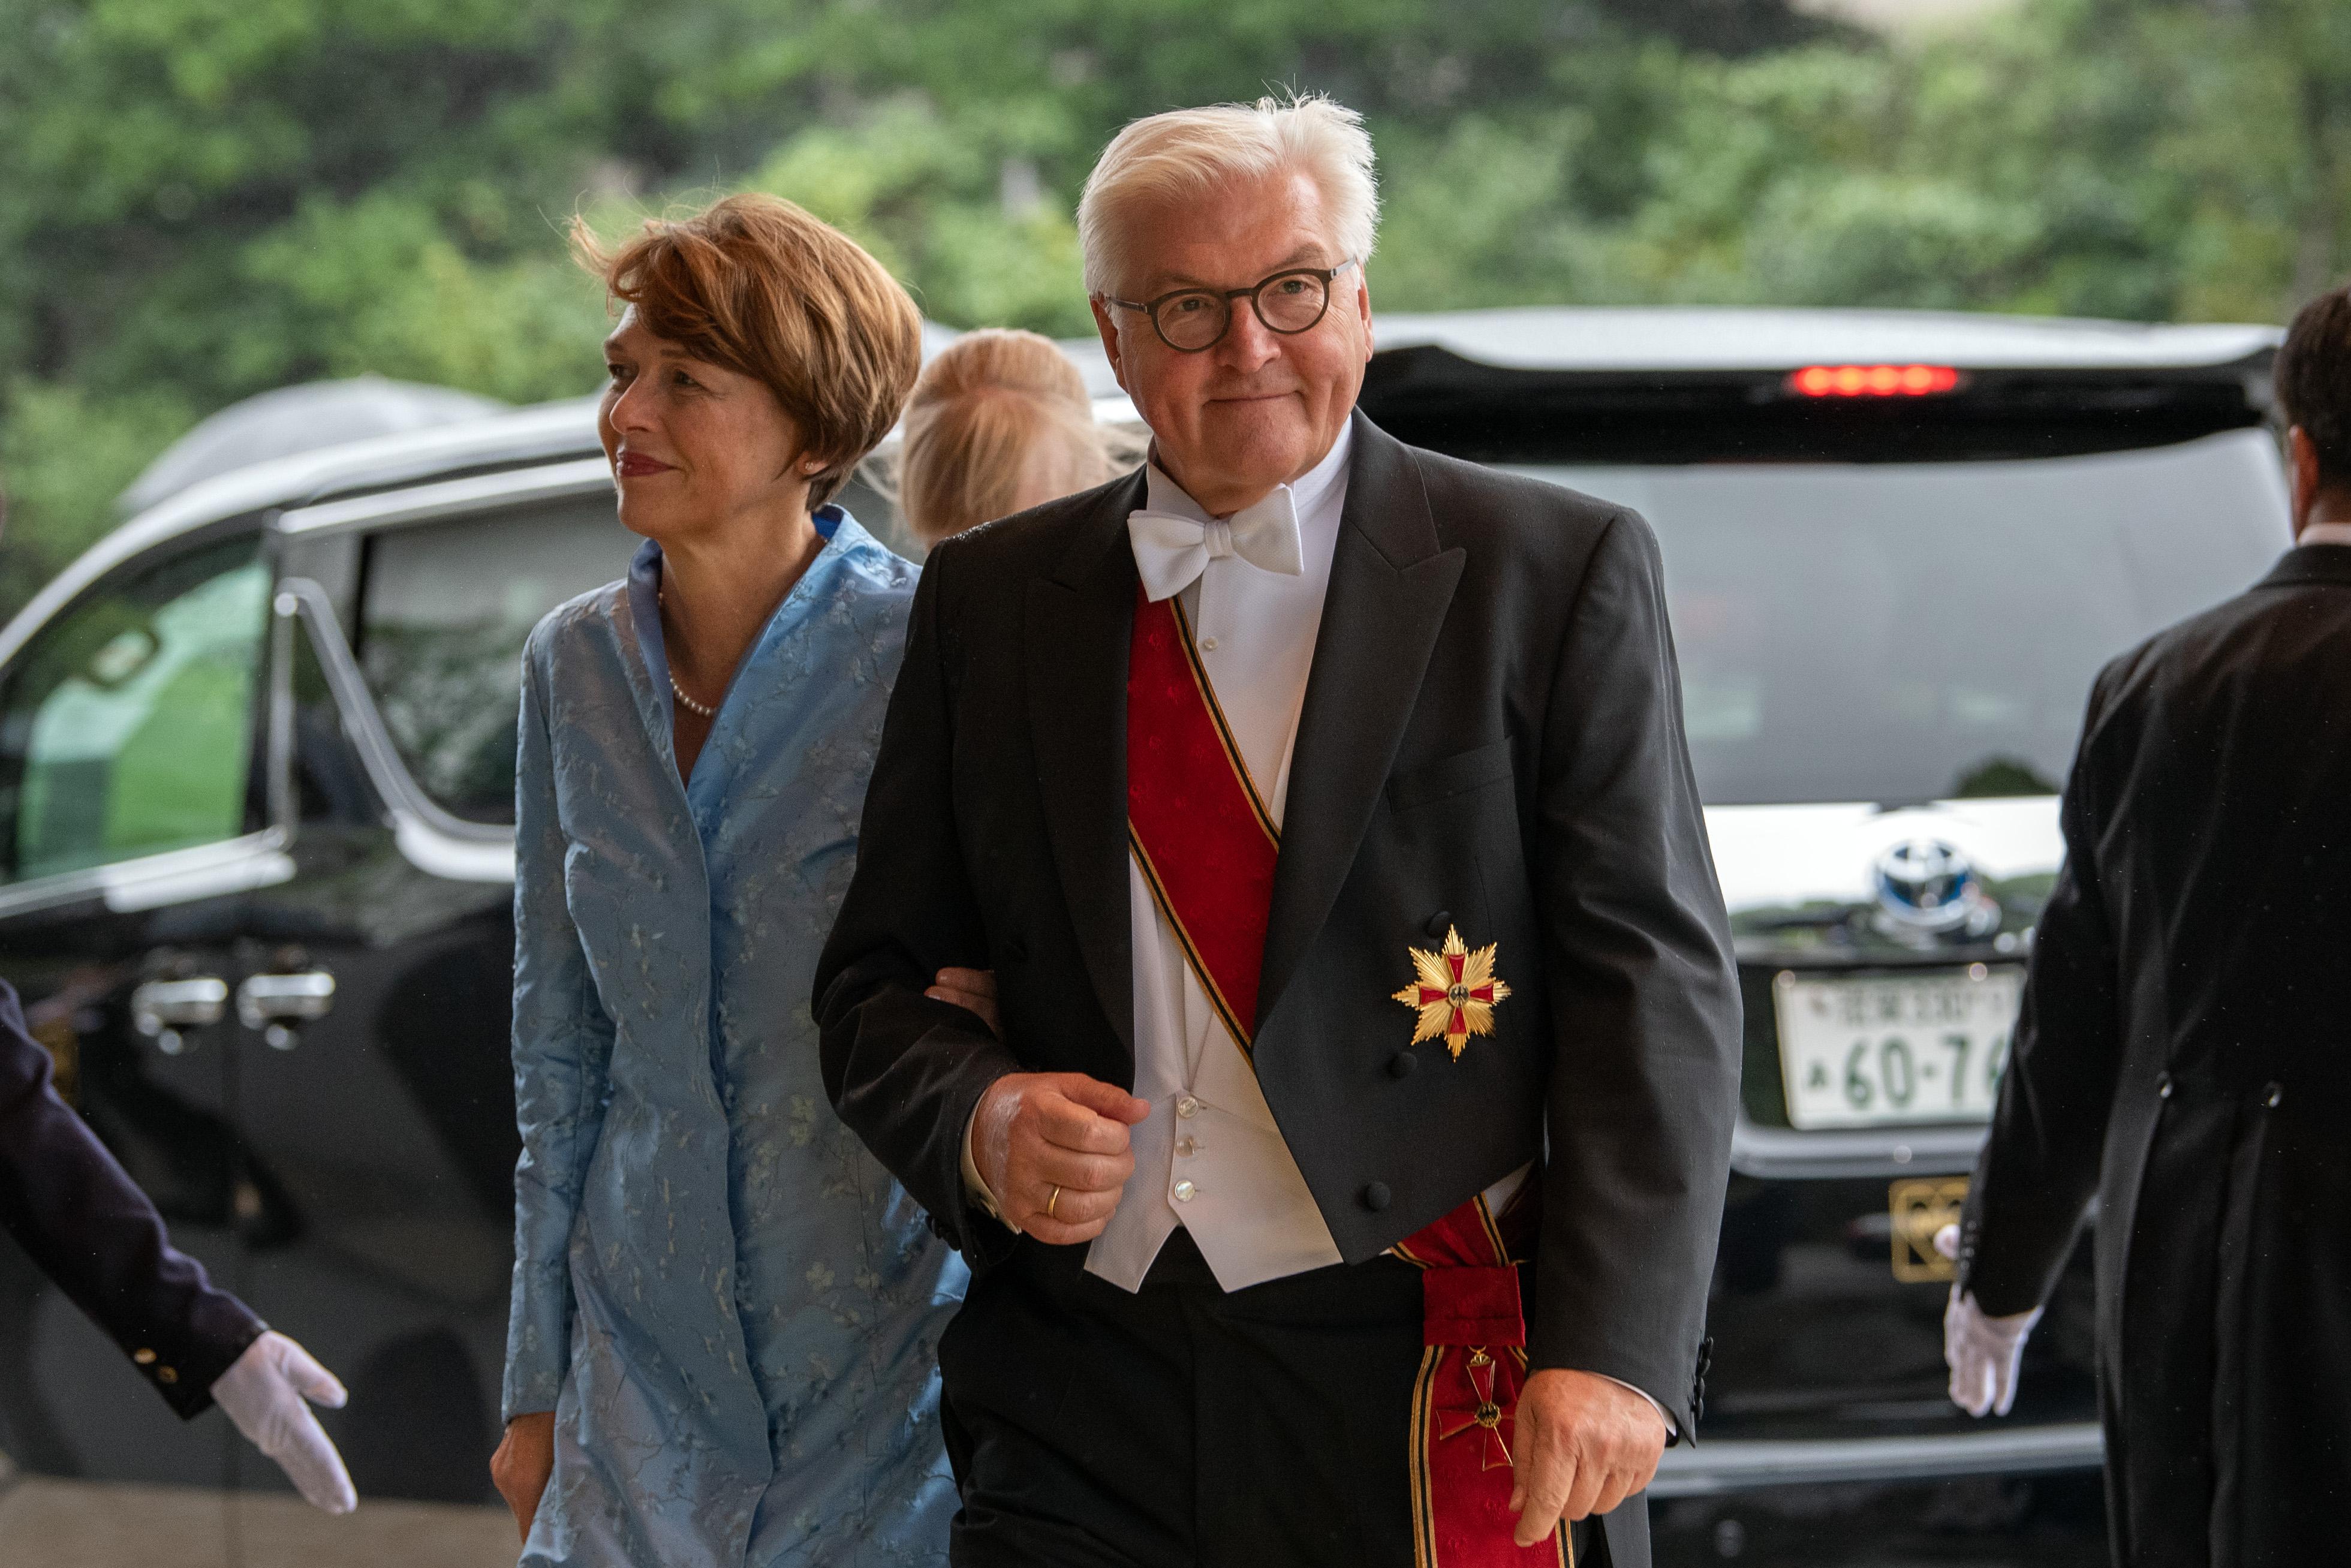 El presidente de Alemania, Frank-Walter Steinmeier, y su esposa Elke Budenbender llegan para asistir a la ceremonia de entronización del emperador japonés Naruhito en el Palacio Imperia (AFP)